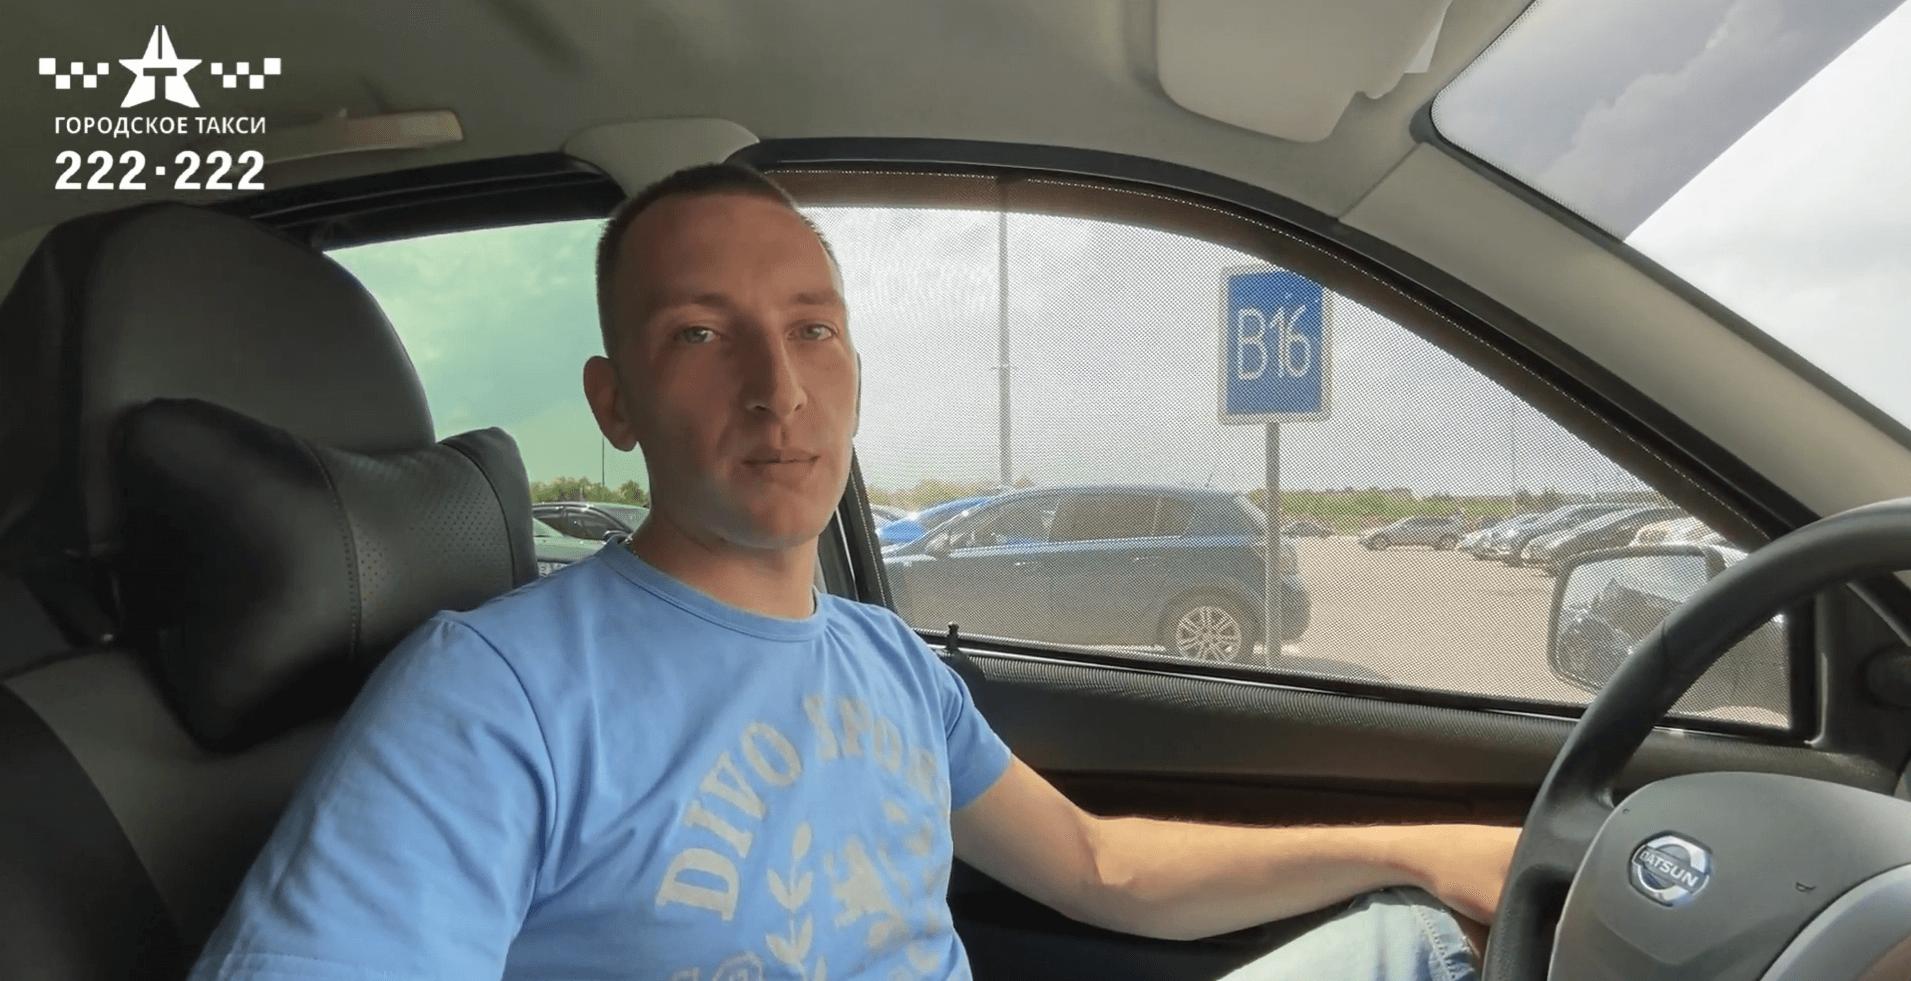 Знакомьтесь с нашим водителем!